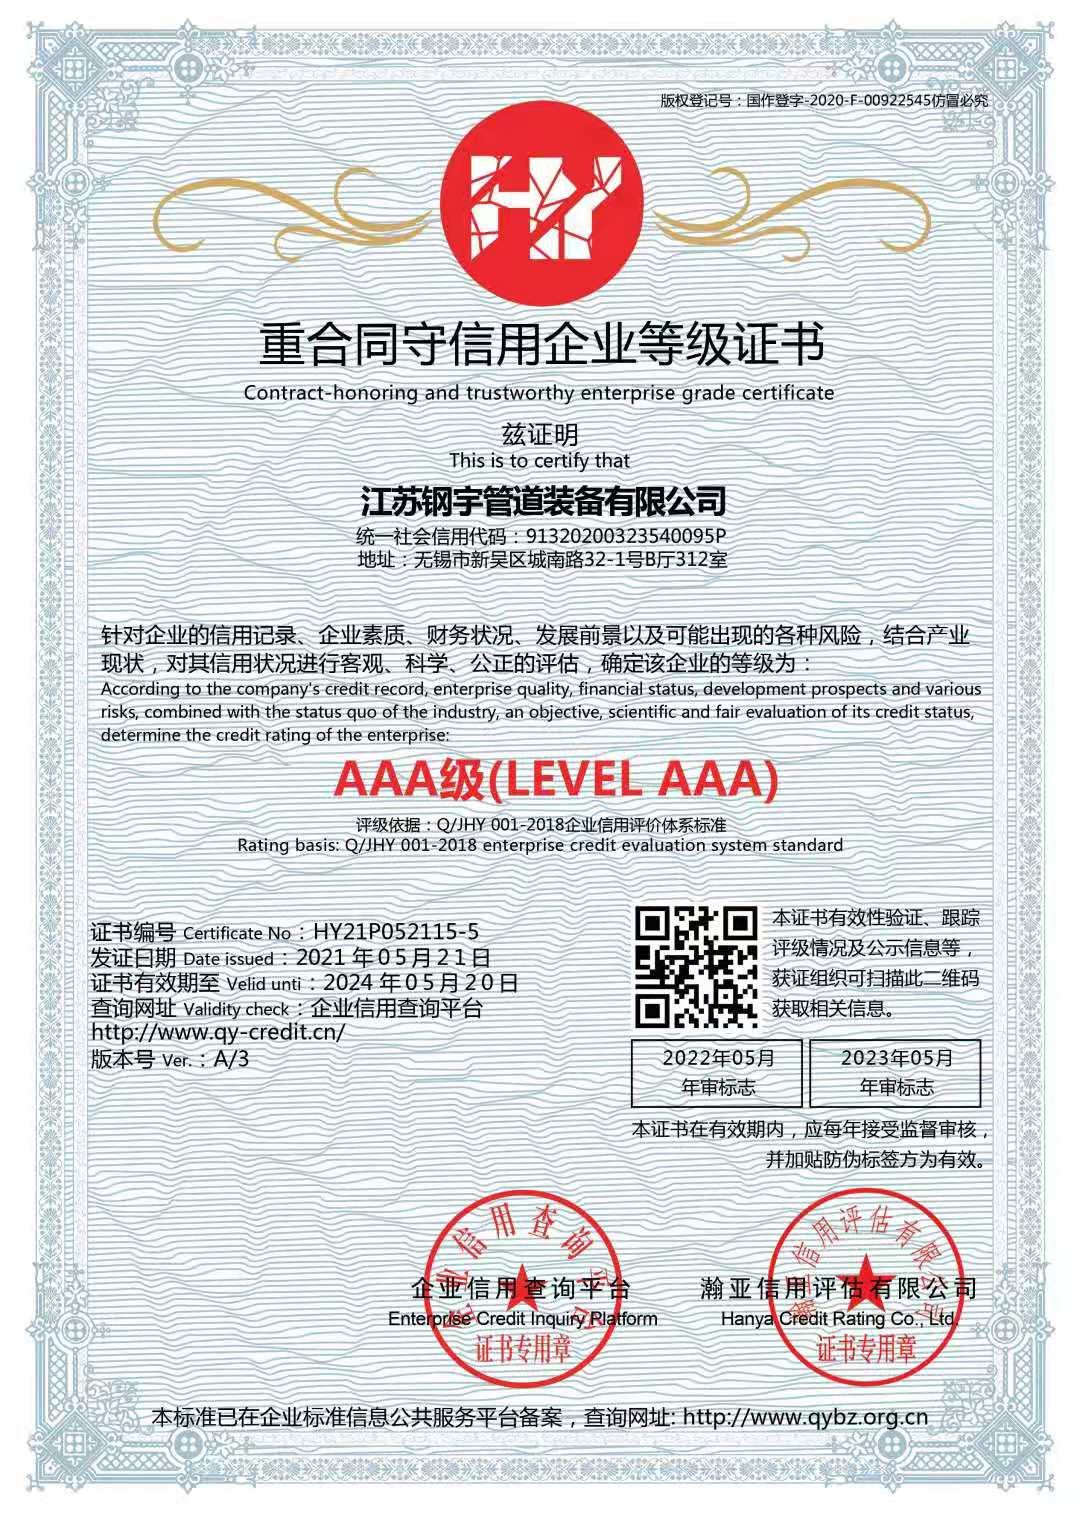 重合同守信用企业等级证书